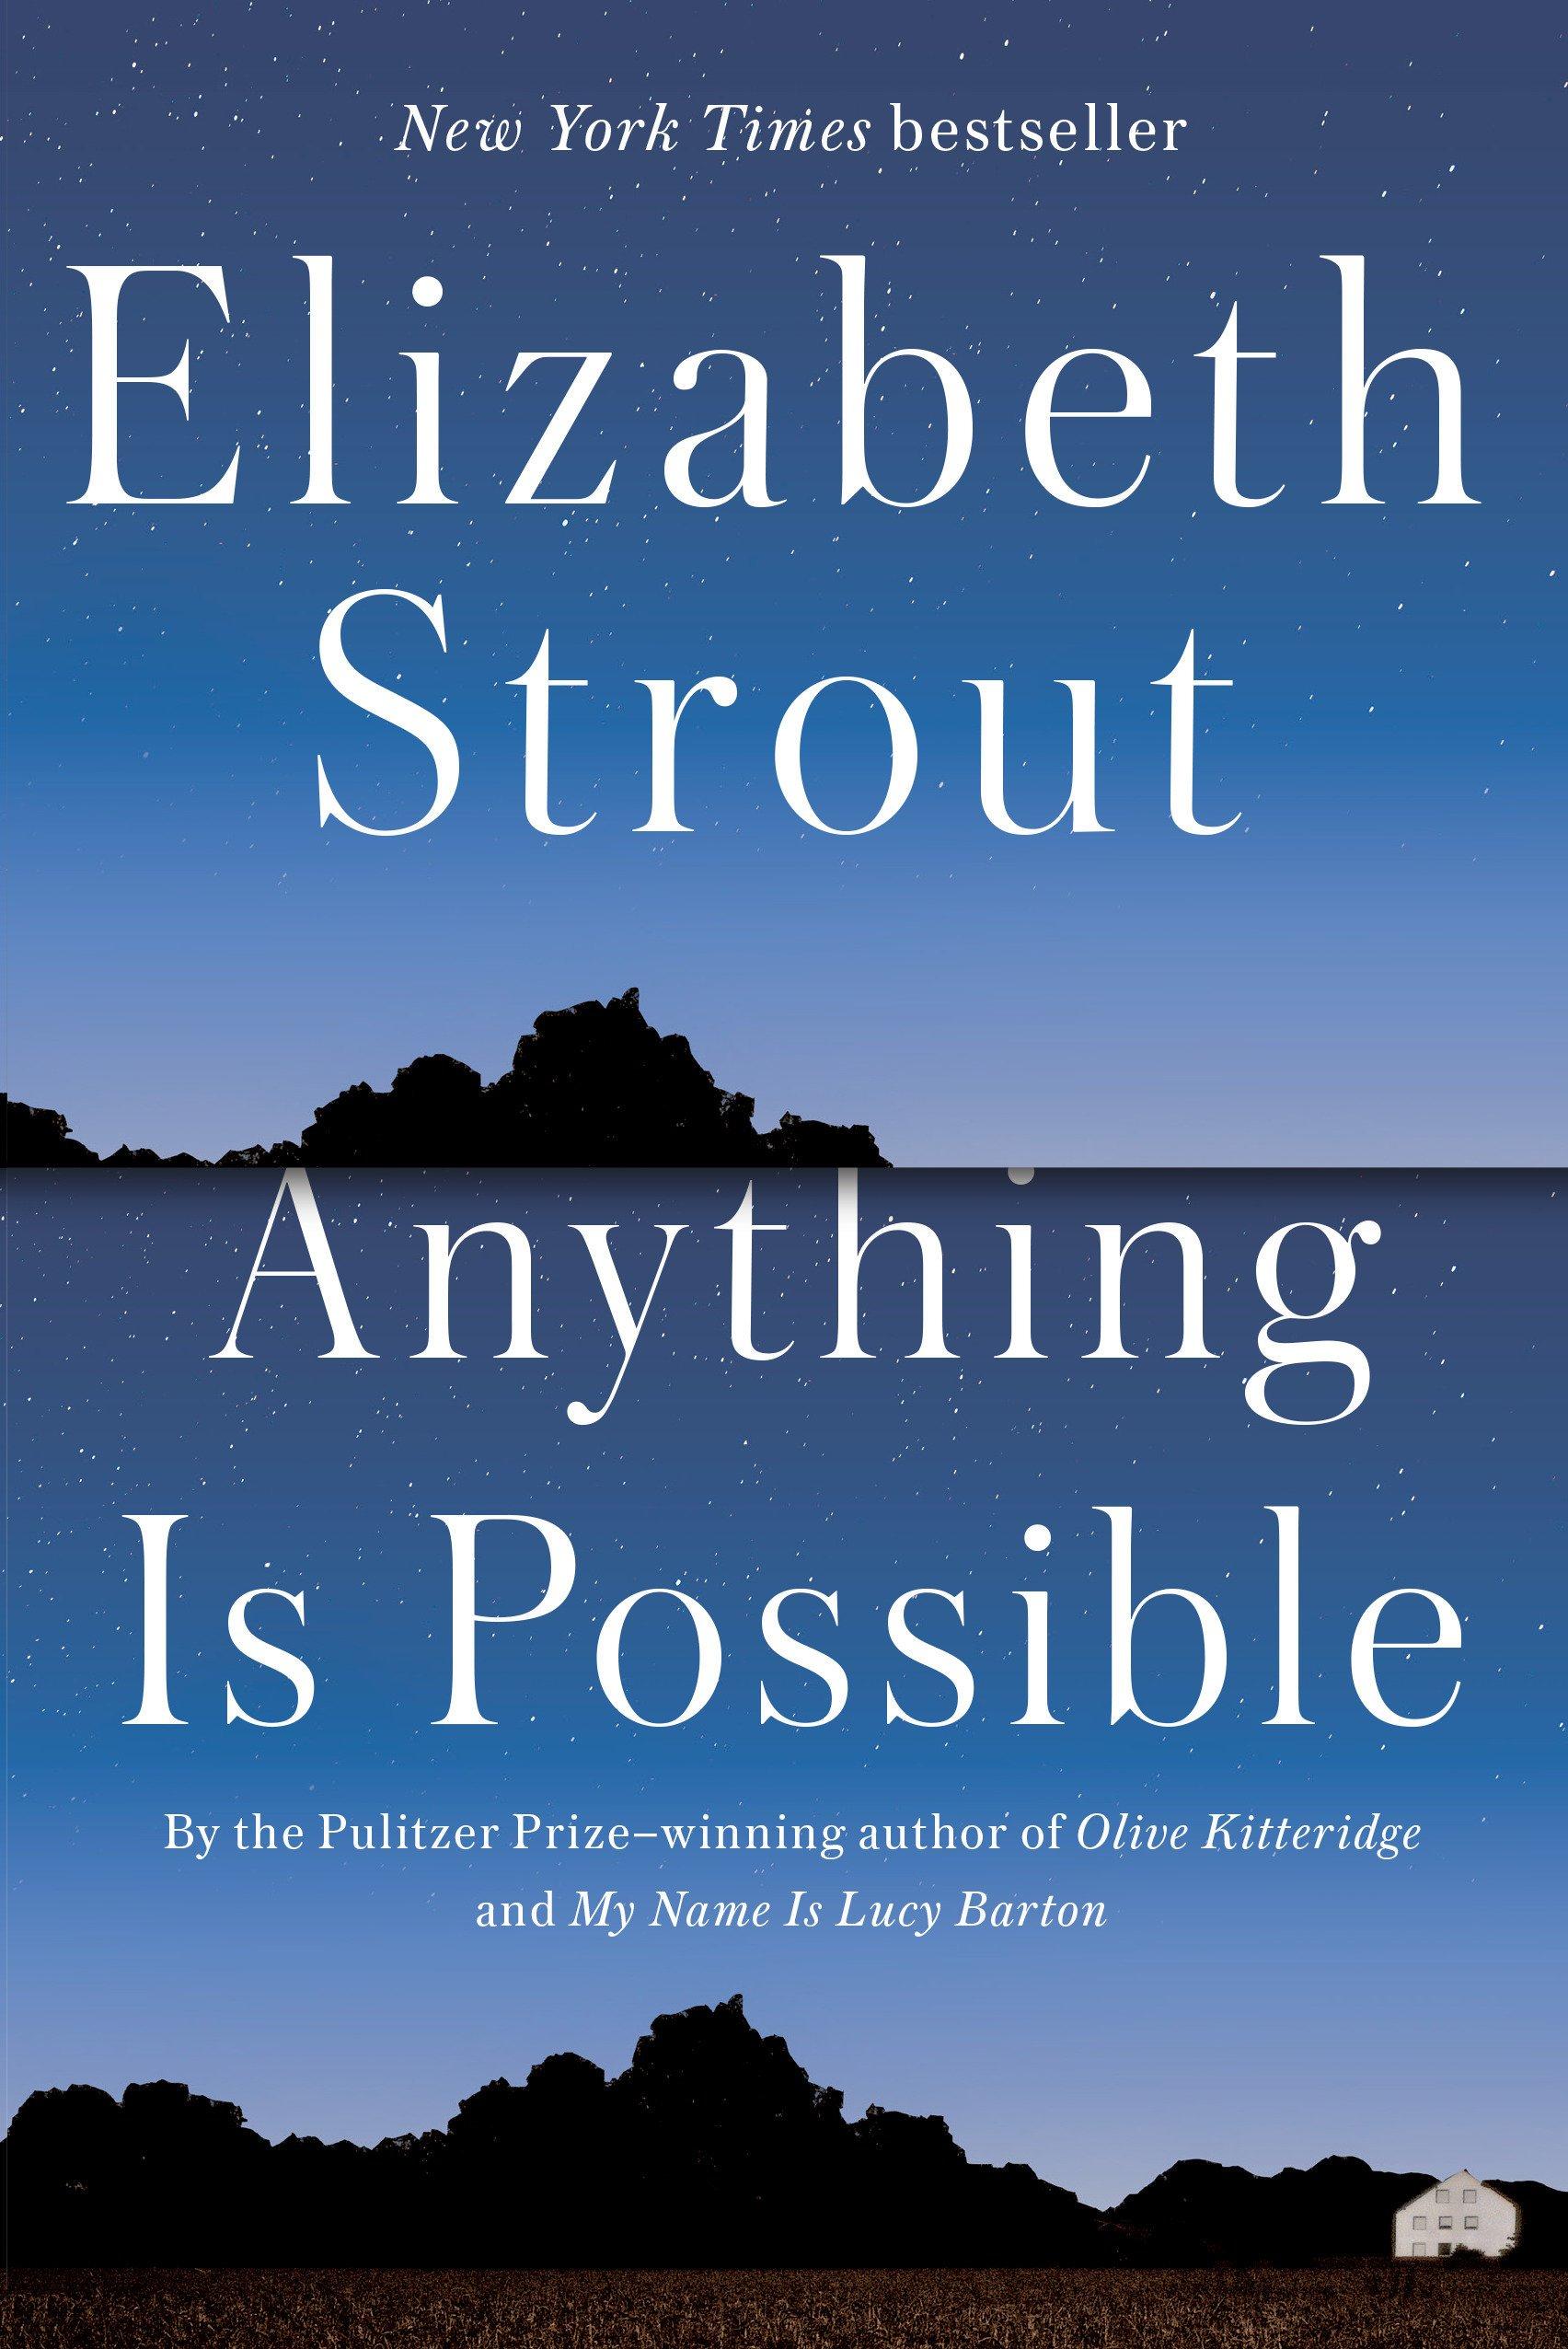 Author Interview - Christy Stillwell